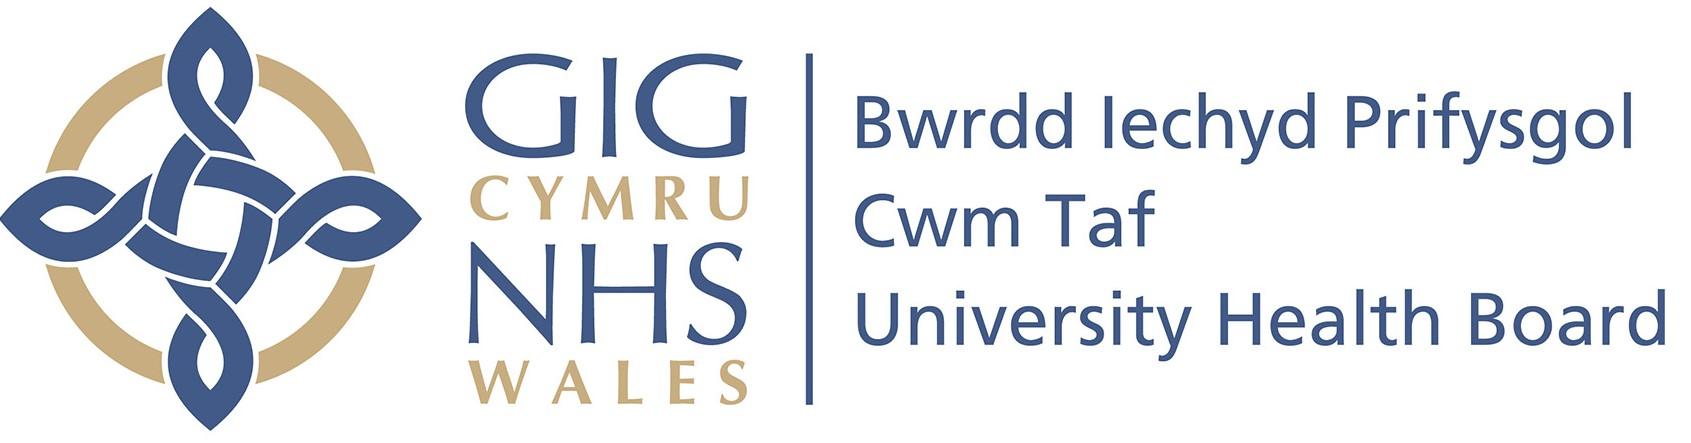 cthb-logo-header (2)